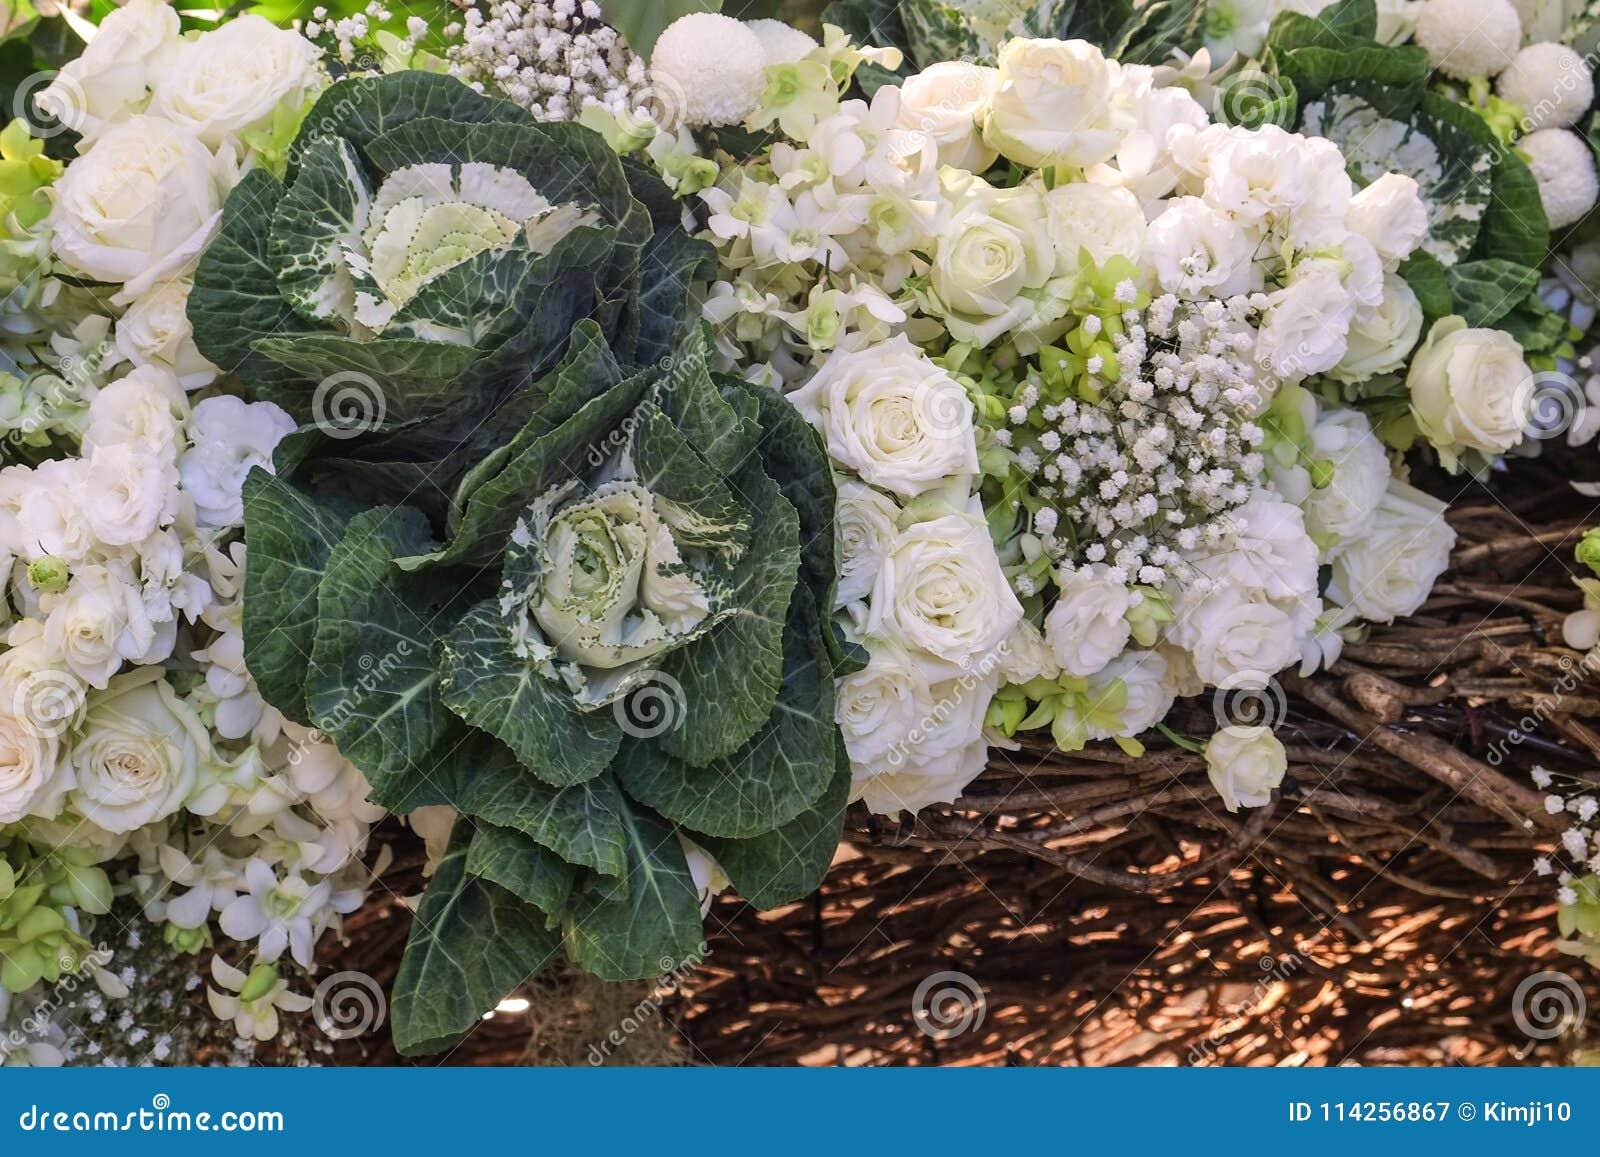 Weisse Rosen Sind Schone Blumenstrausse Stockbild Bild Von